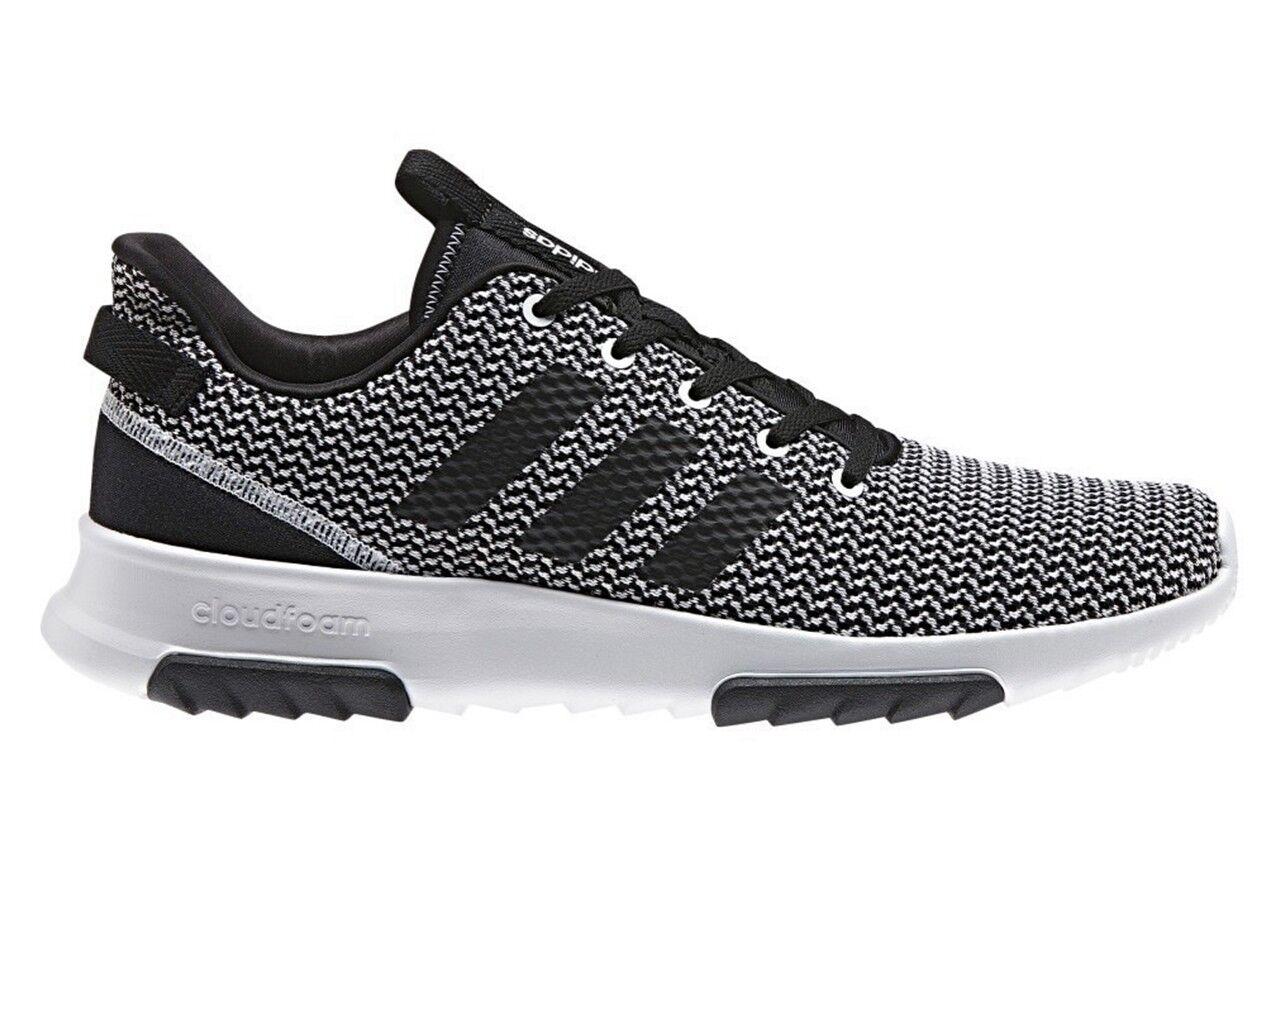 Adidas Cloud Foam Racer TR DA9305 Sneaker Uomo Nero Bianco Palestra Scarpe Da Corsa Scarpe classiche da uomo